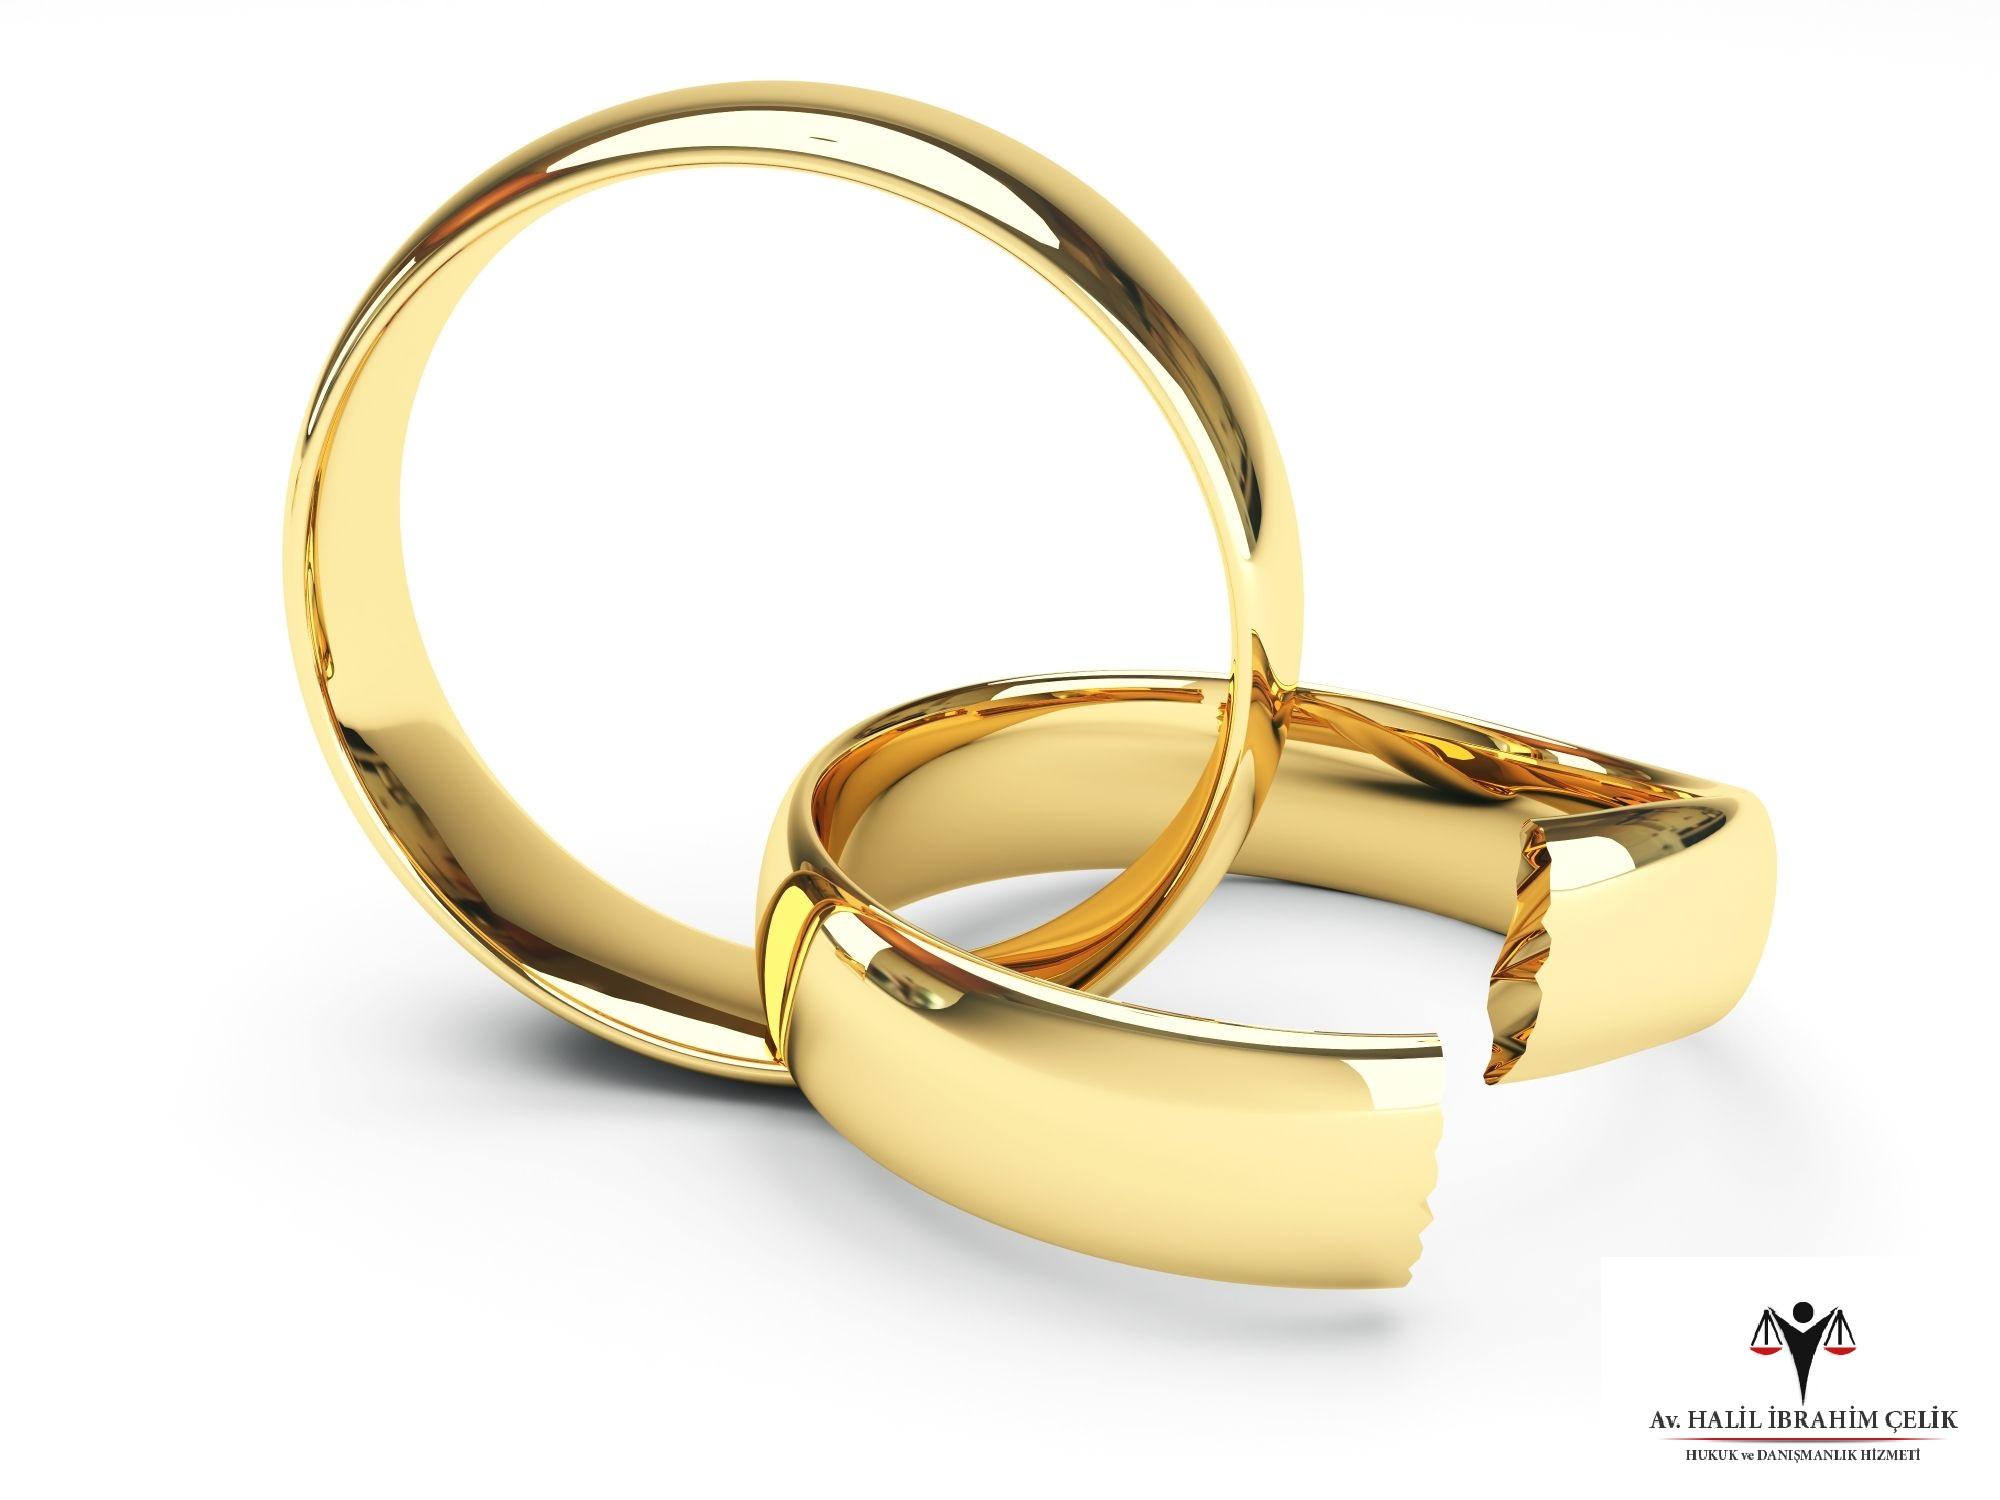 Anlaşmalı Boşanma - Av. Halil İbrahim Çelik